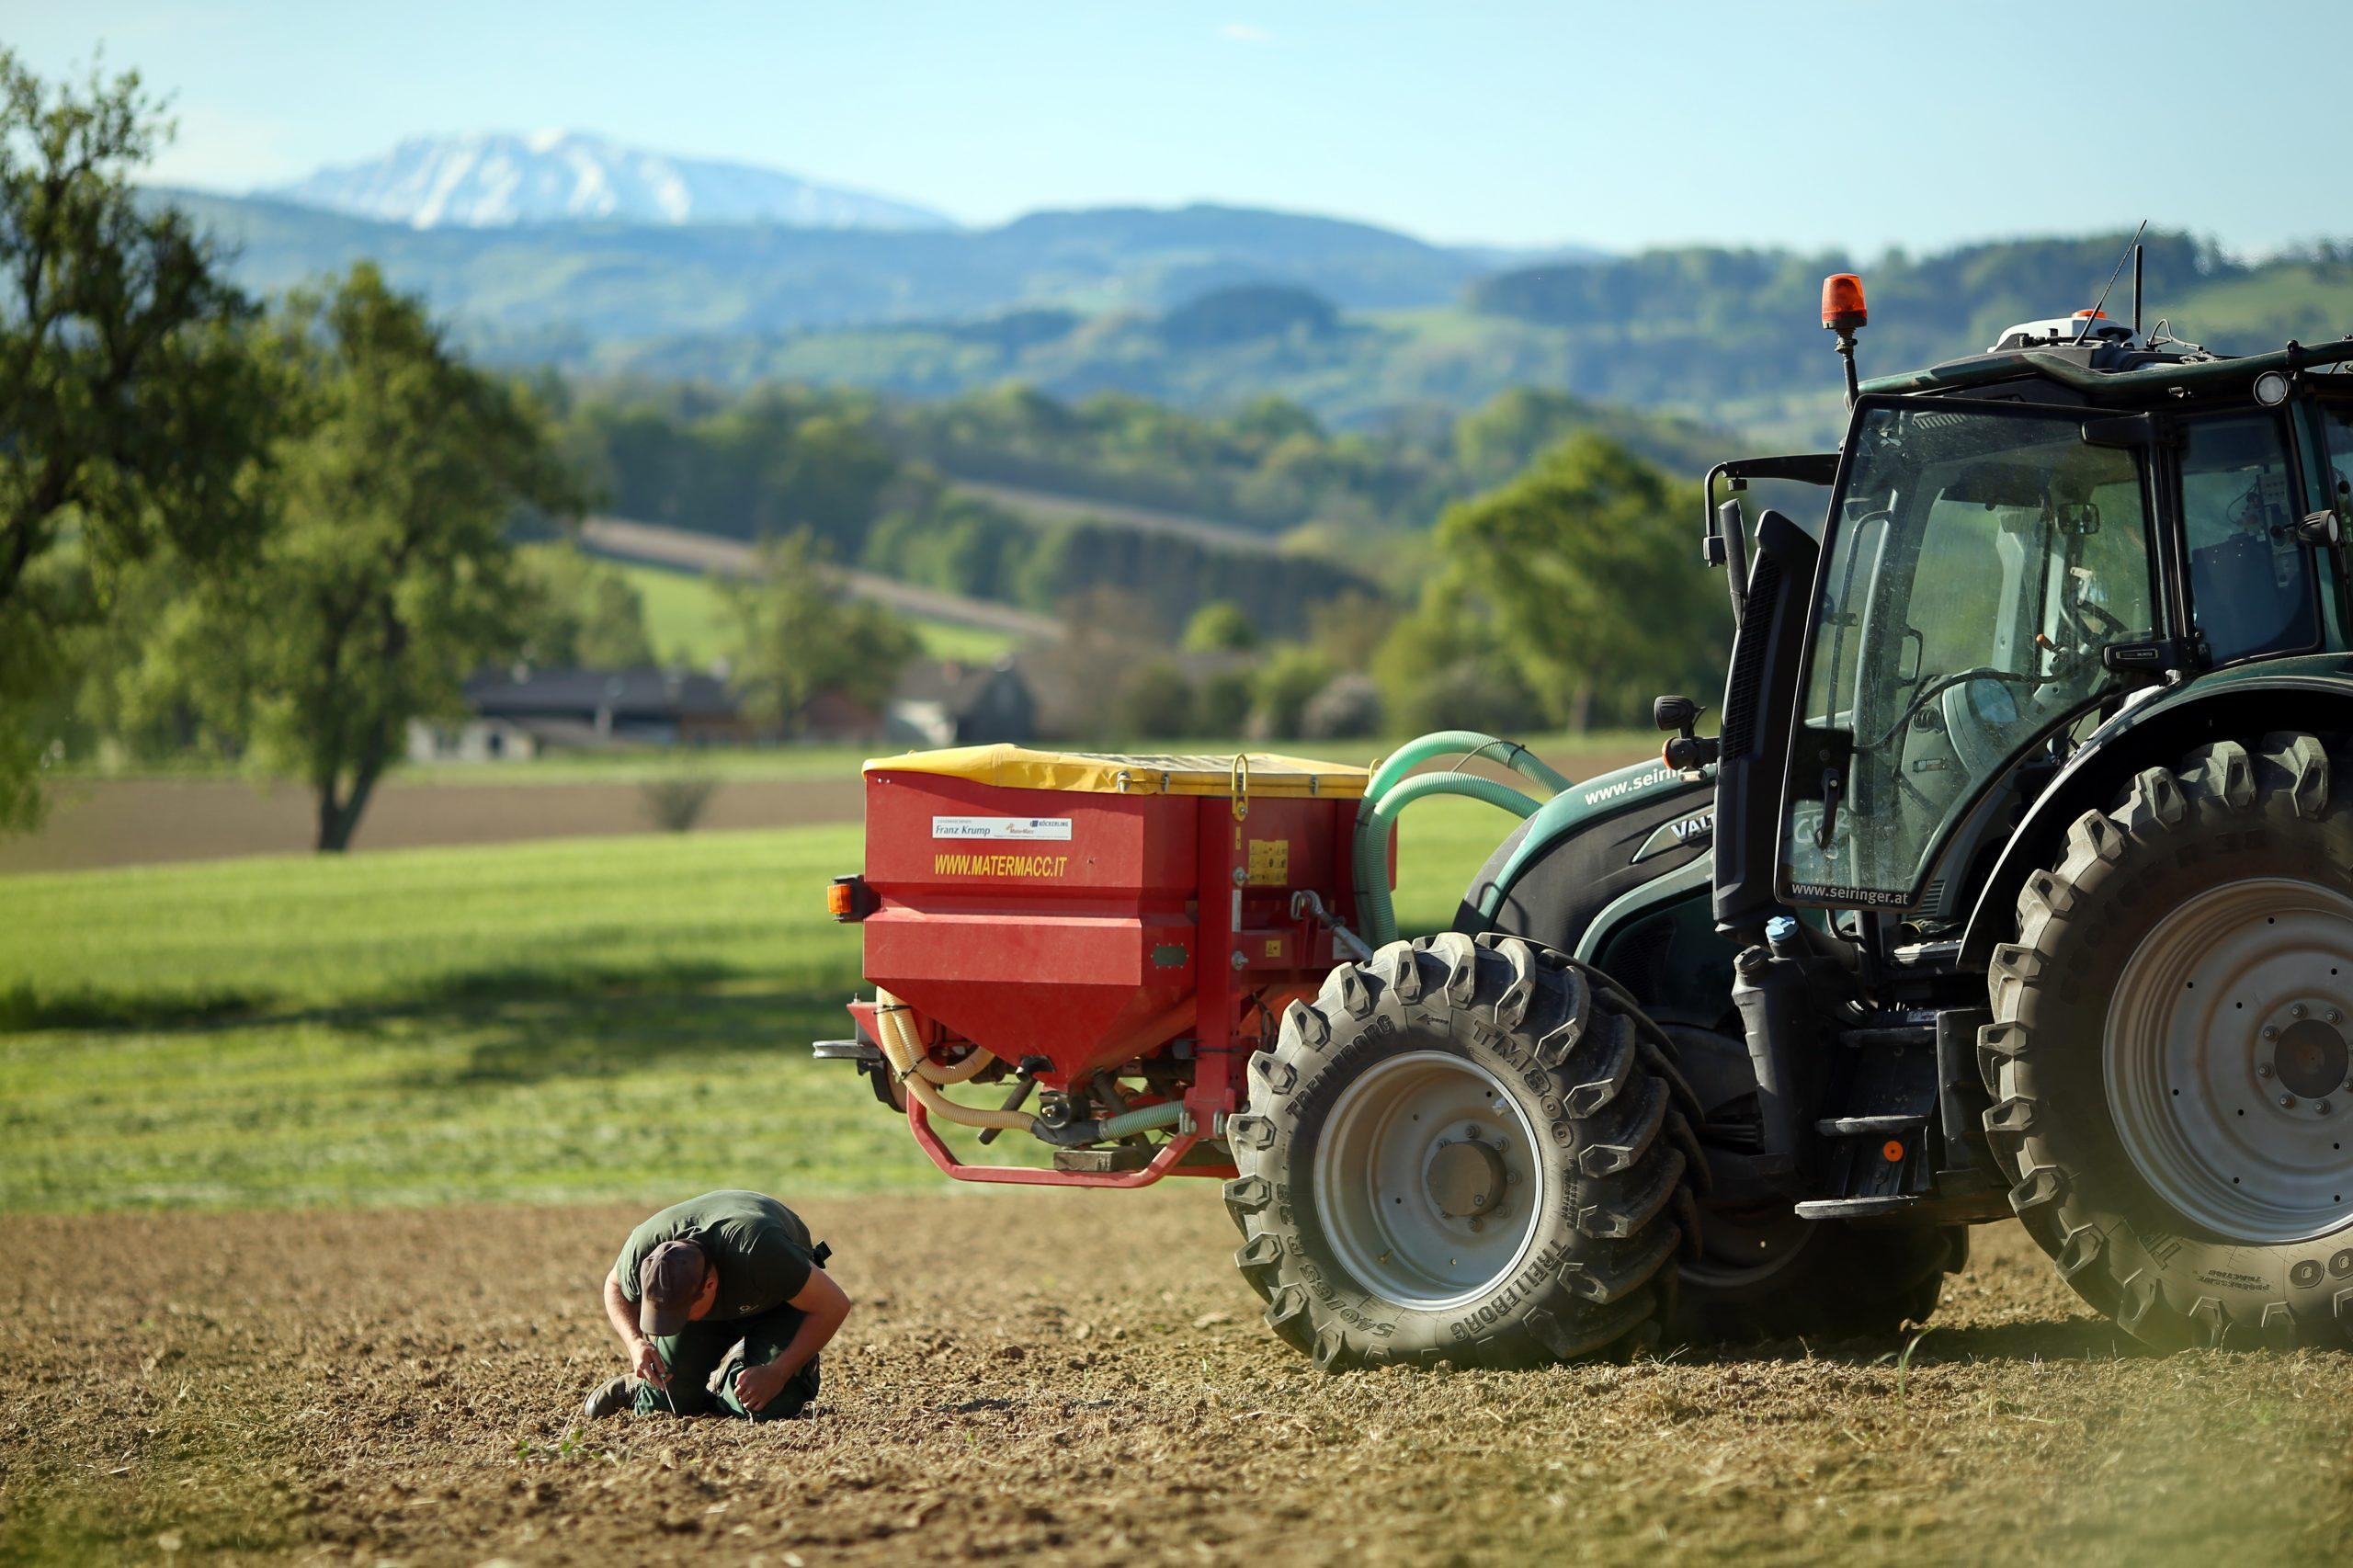 Sojaaussaat mit Ötscher im Hintergrund: Einlegetiefe der Sojabohnen wird geprüft.